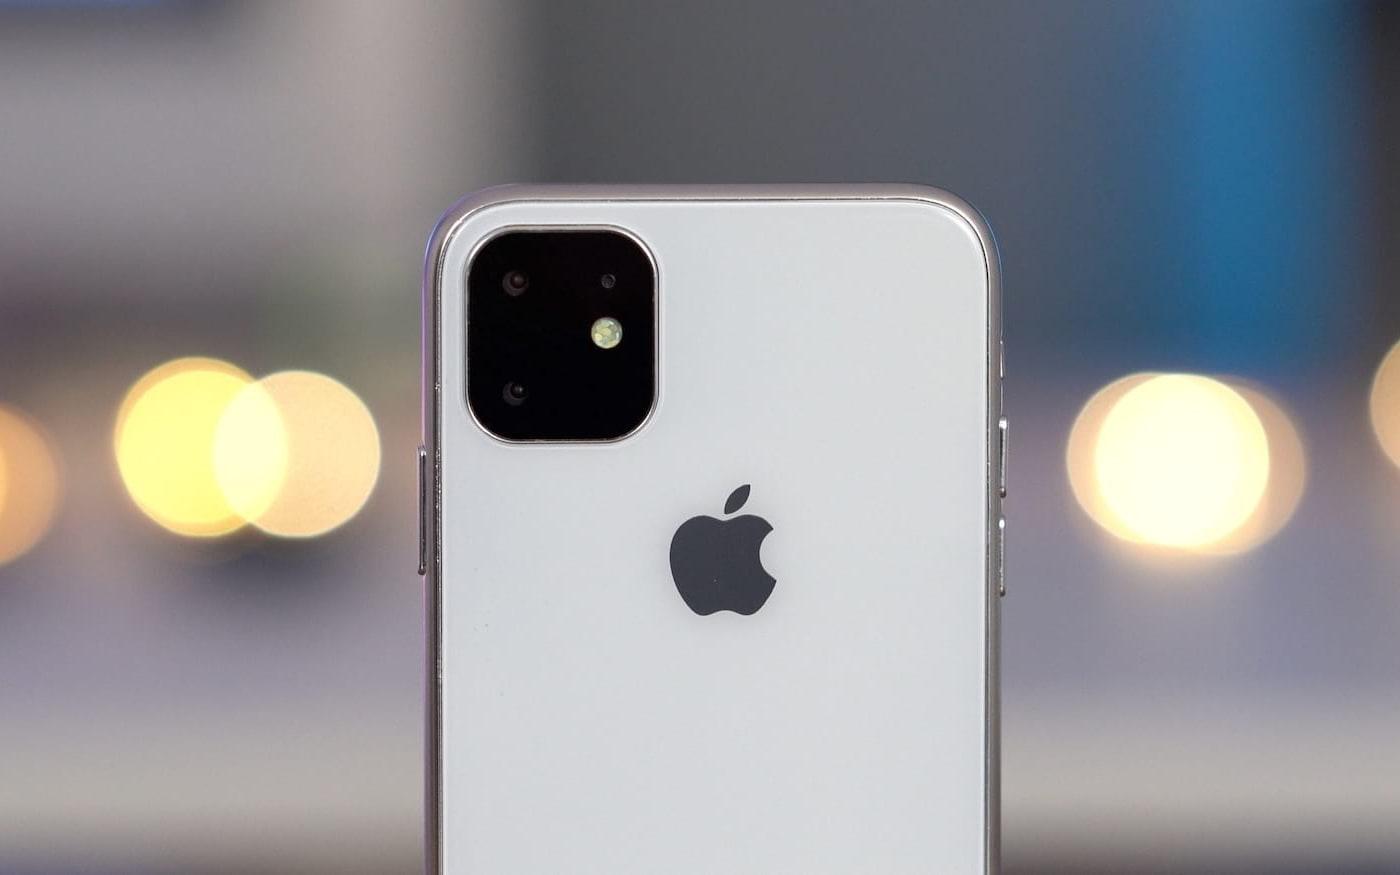 iPhone Pro? Novos rumores indicam que iPhone 11 terá outro nome